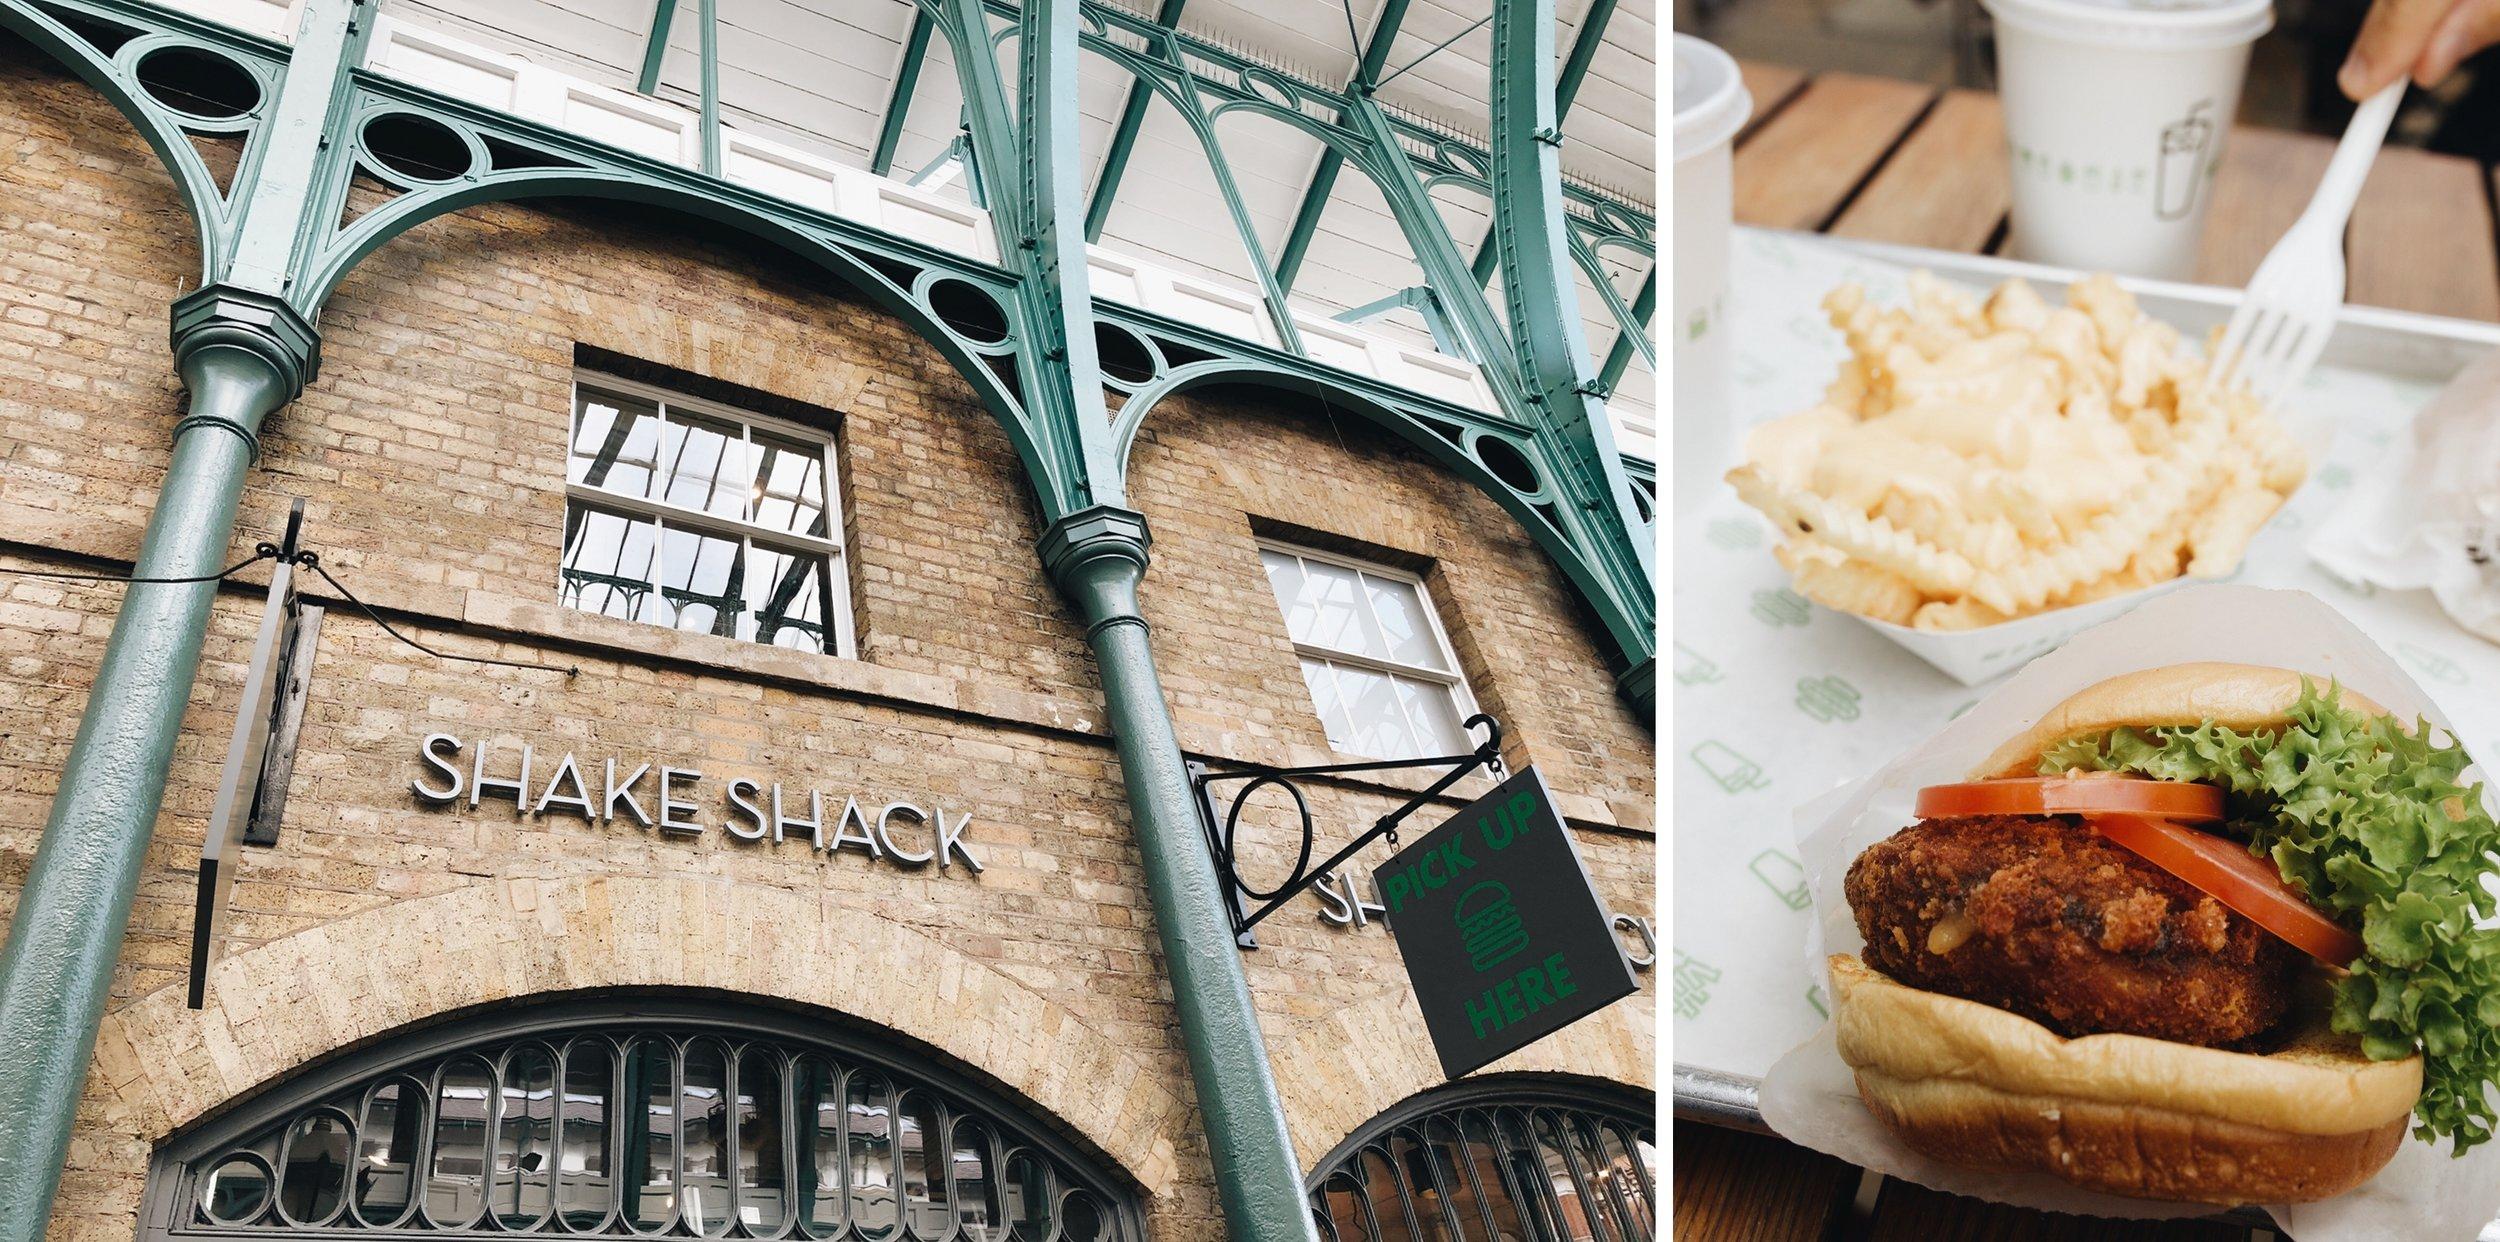 Shake-shack-london-burgers.jpg